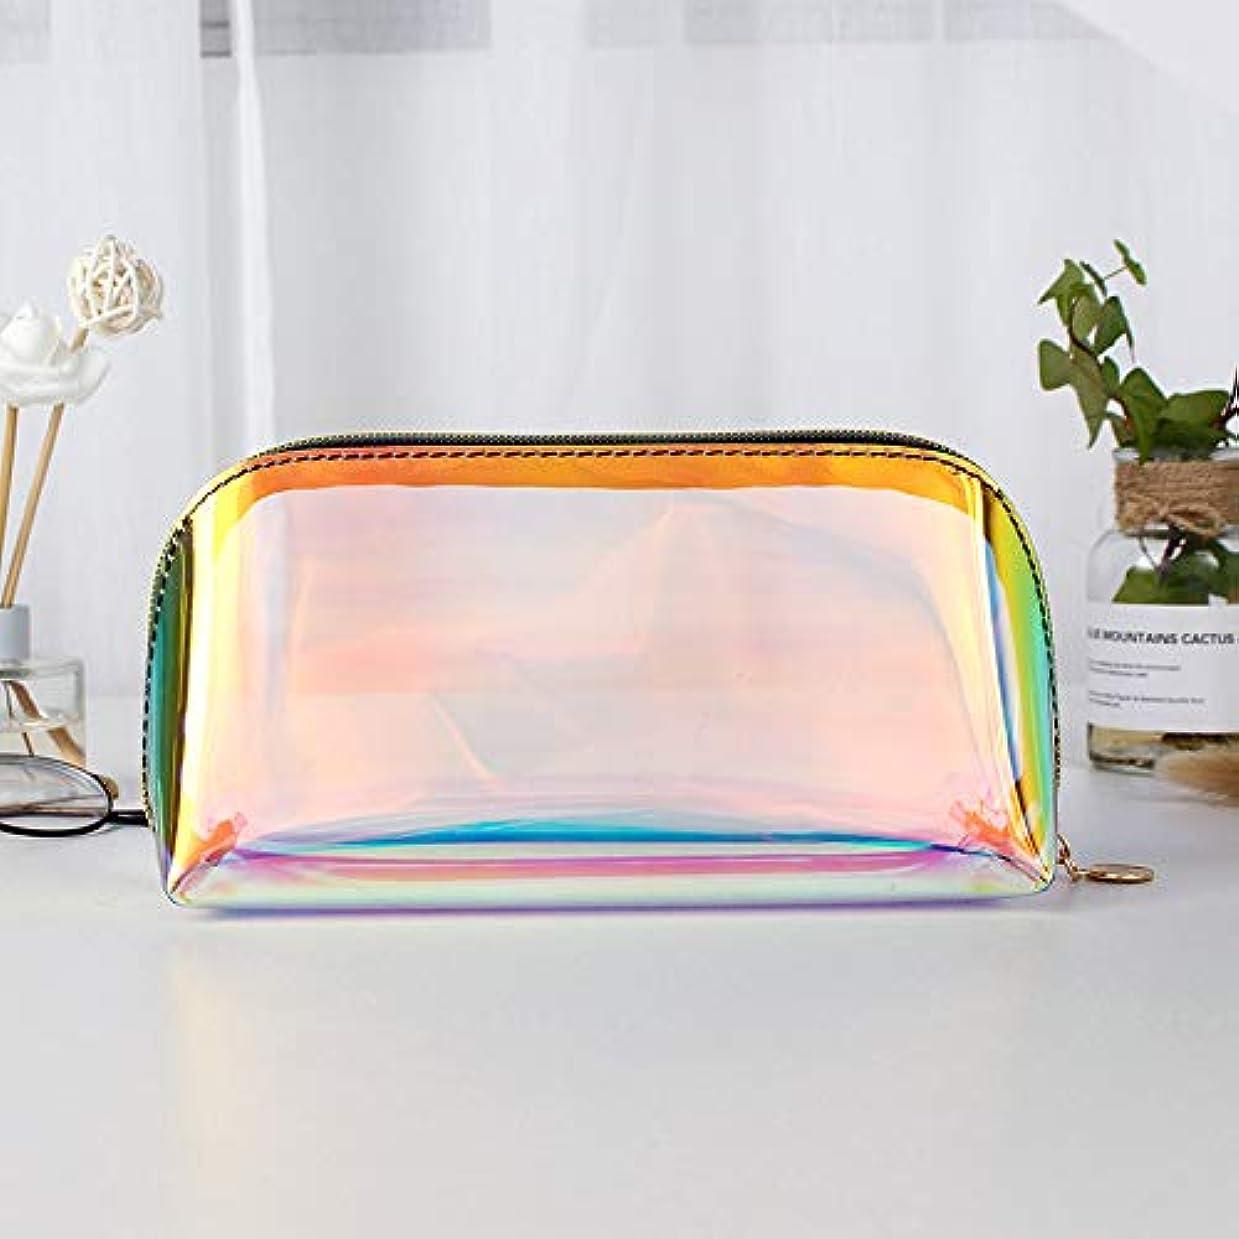 使用法靴危険にさらされている透明な虹レーザーホログラムコスメティックバッグオーガナイザー大F-色のファッション化粧品トラベルバッグホログラフィックメイクアップバッグYY,L